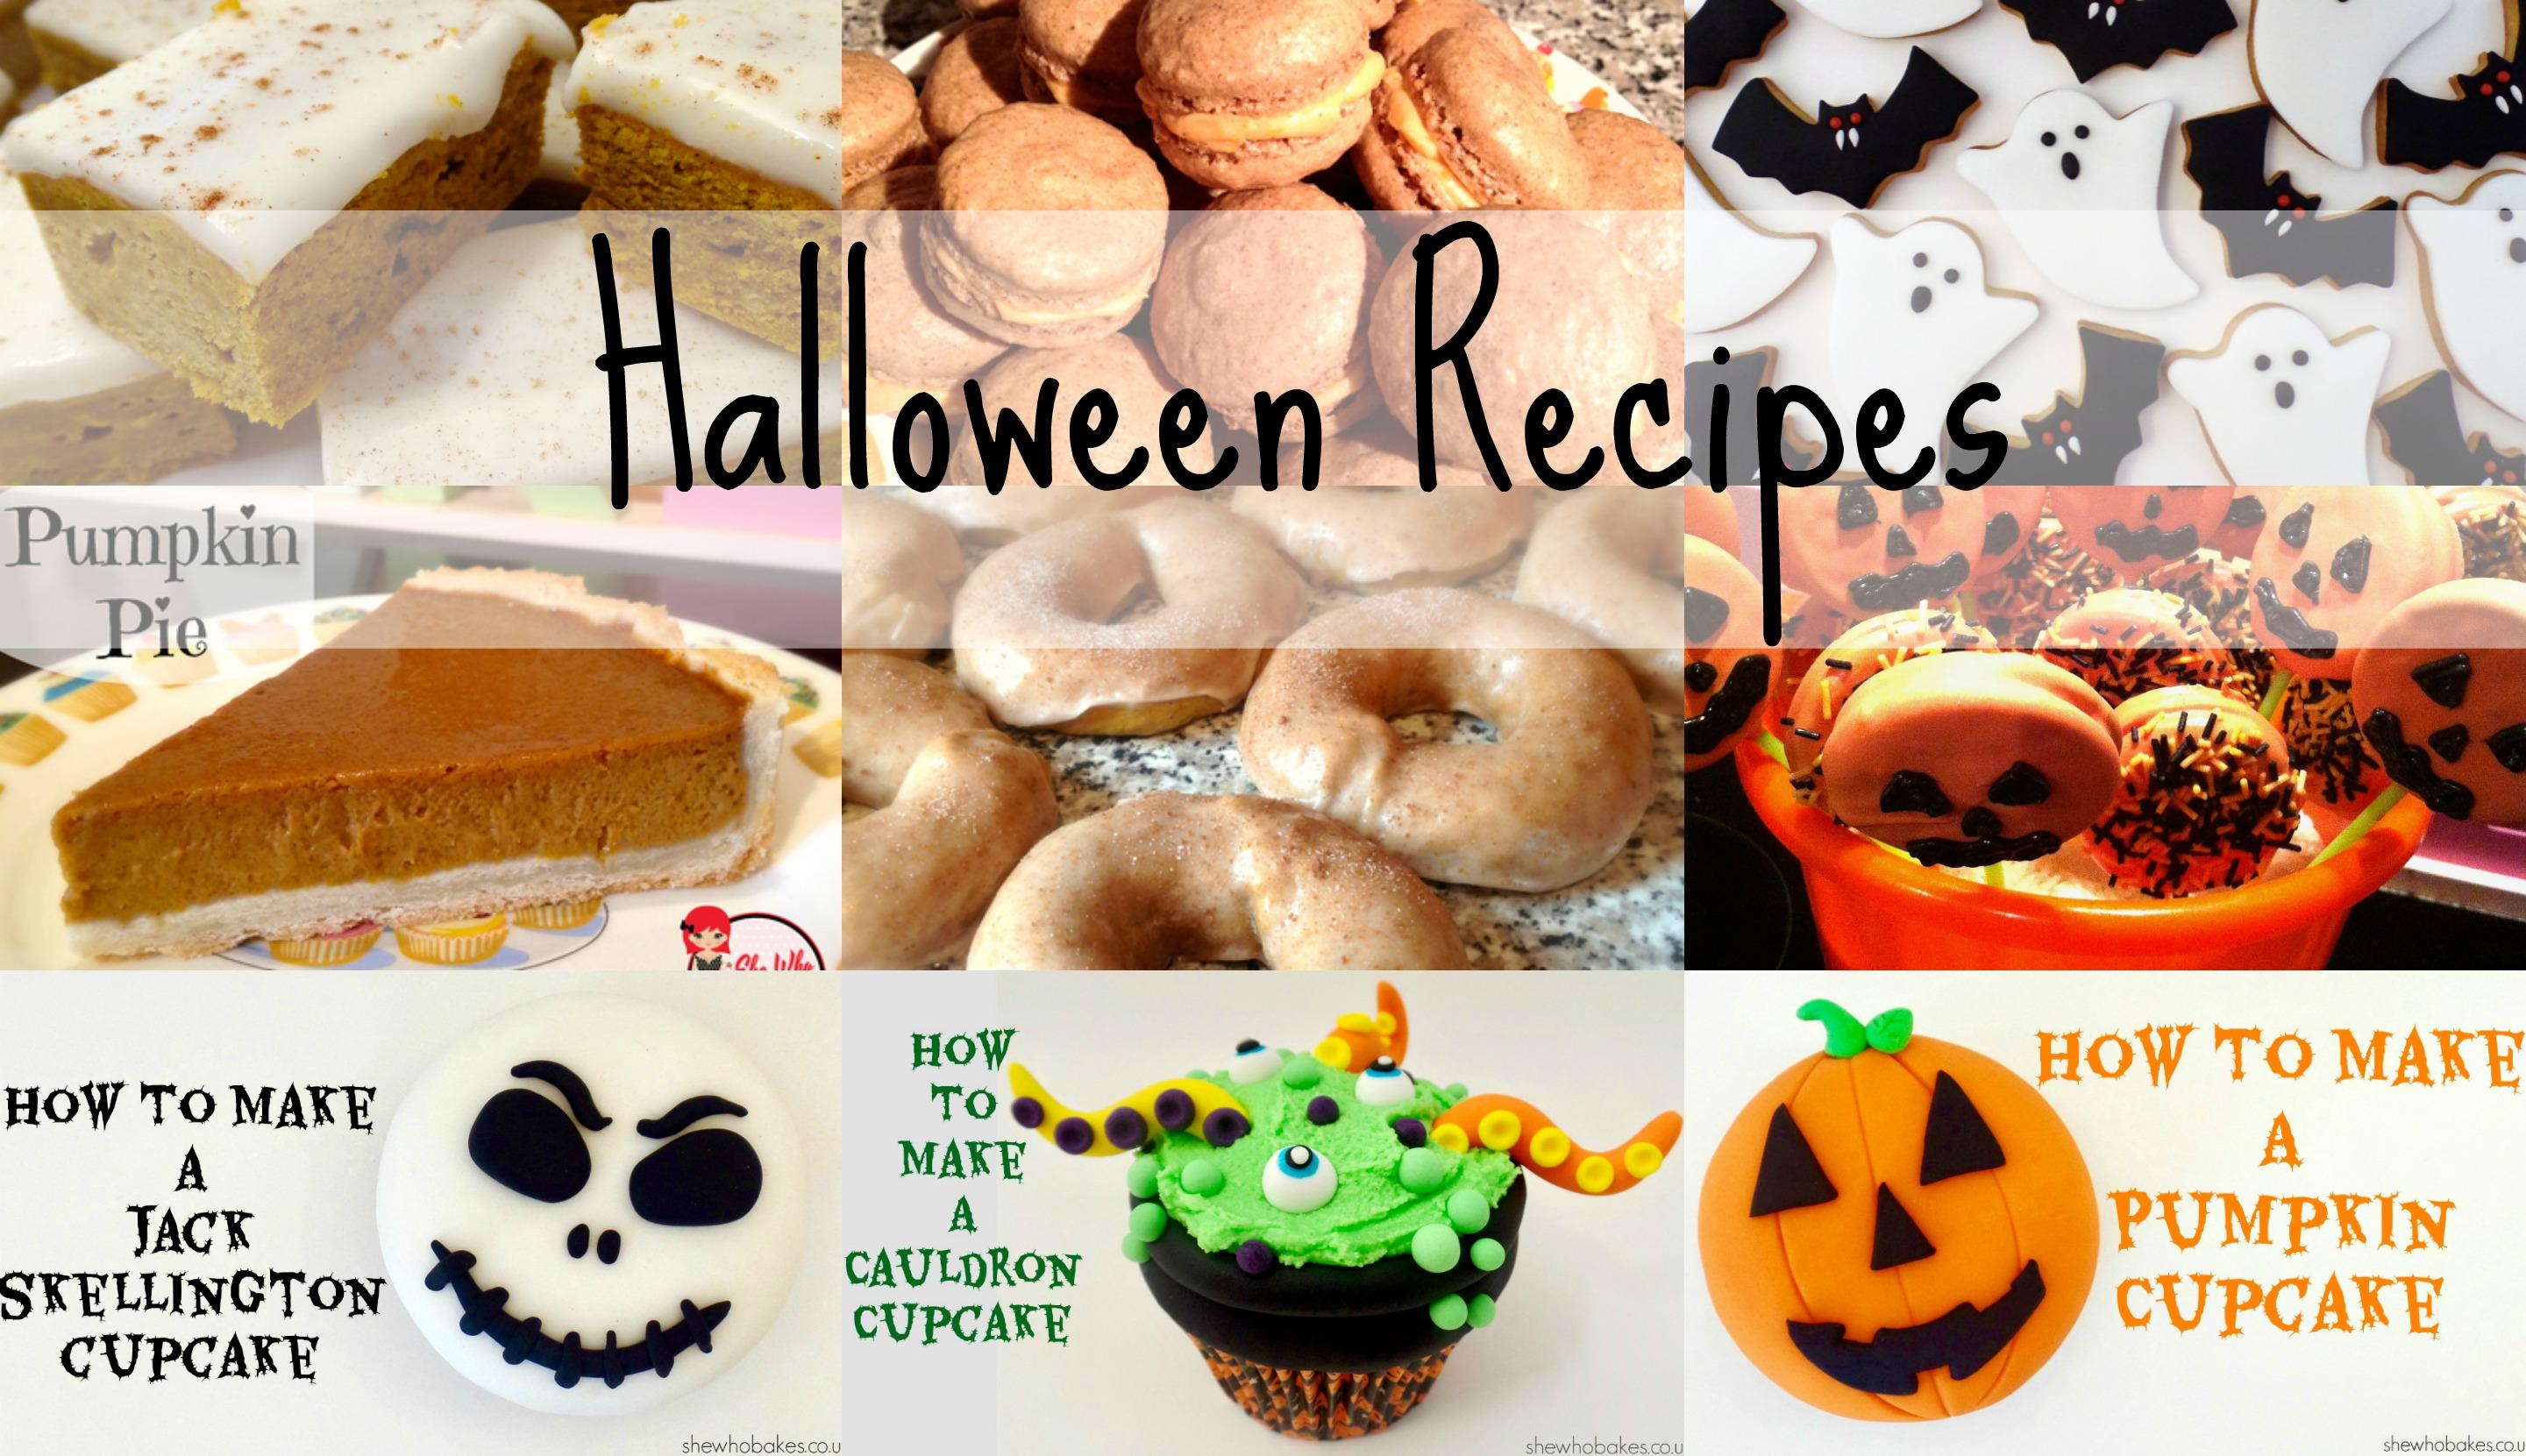 halloween recipes & tutorials - she who bakes